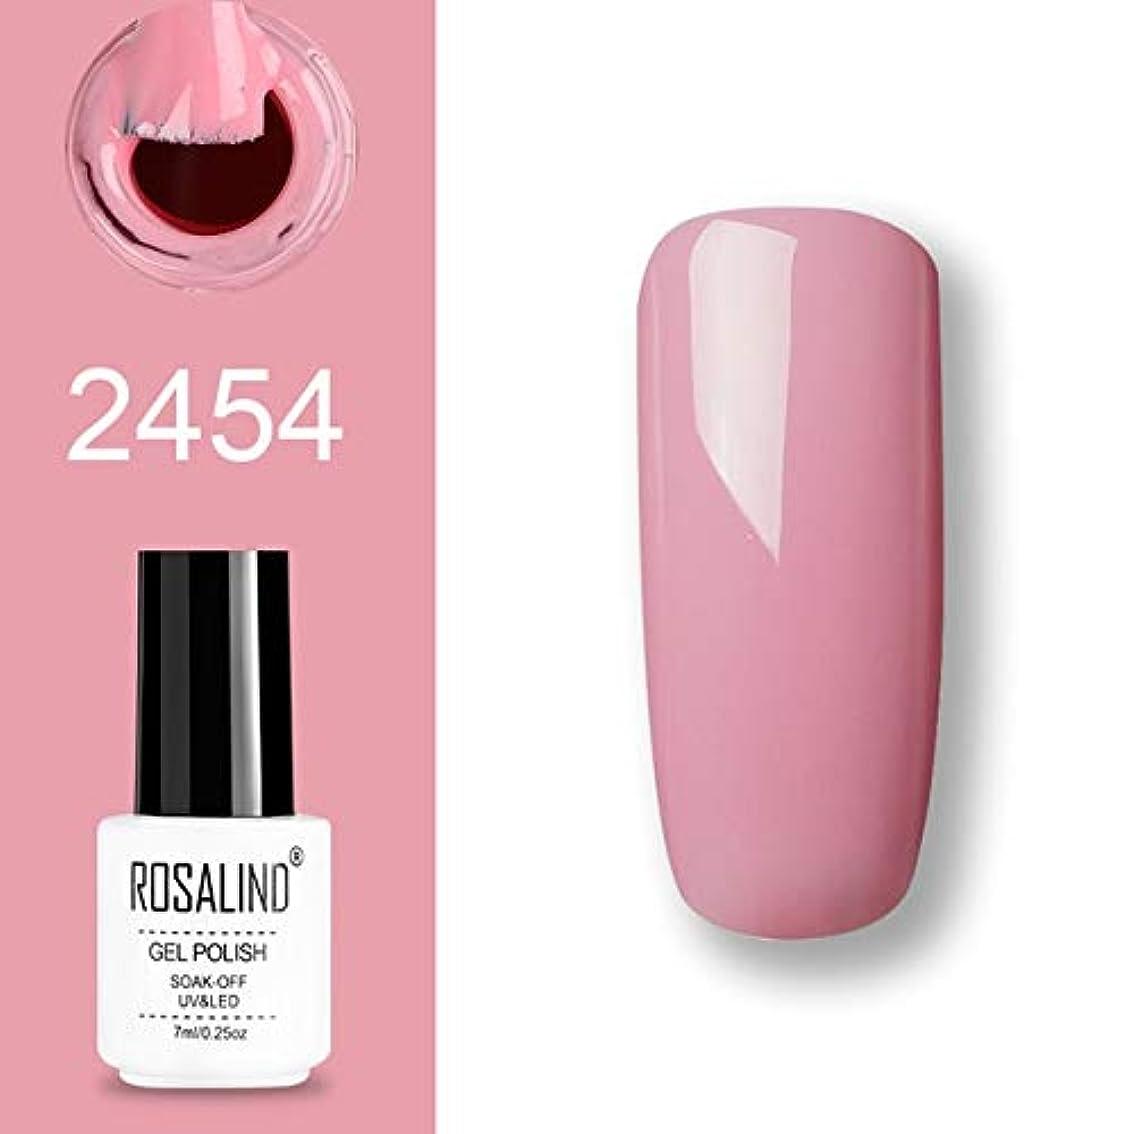 母性下着一般的なファッションアイテム ROSALINDジェルポリッシュセットUV半永久プライマートップコートポリジェルニスネイルアートマニキュアジェル、ピンク、容量:7ml 2454。 環境に優しいマニキュア